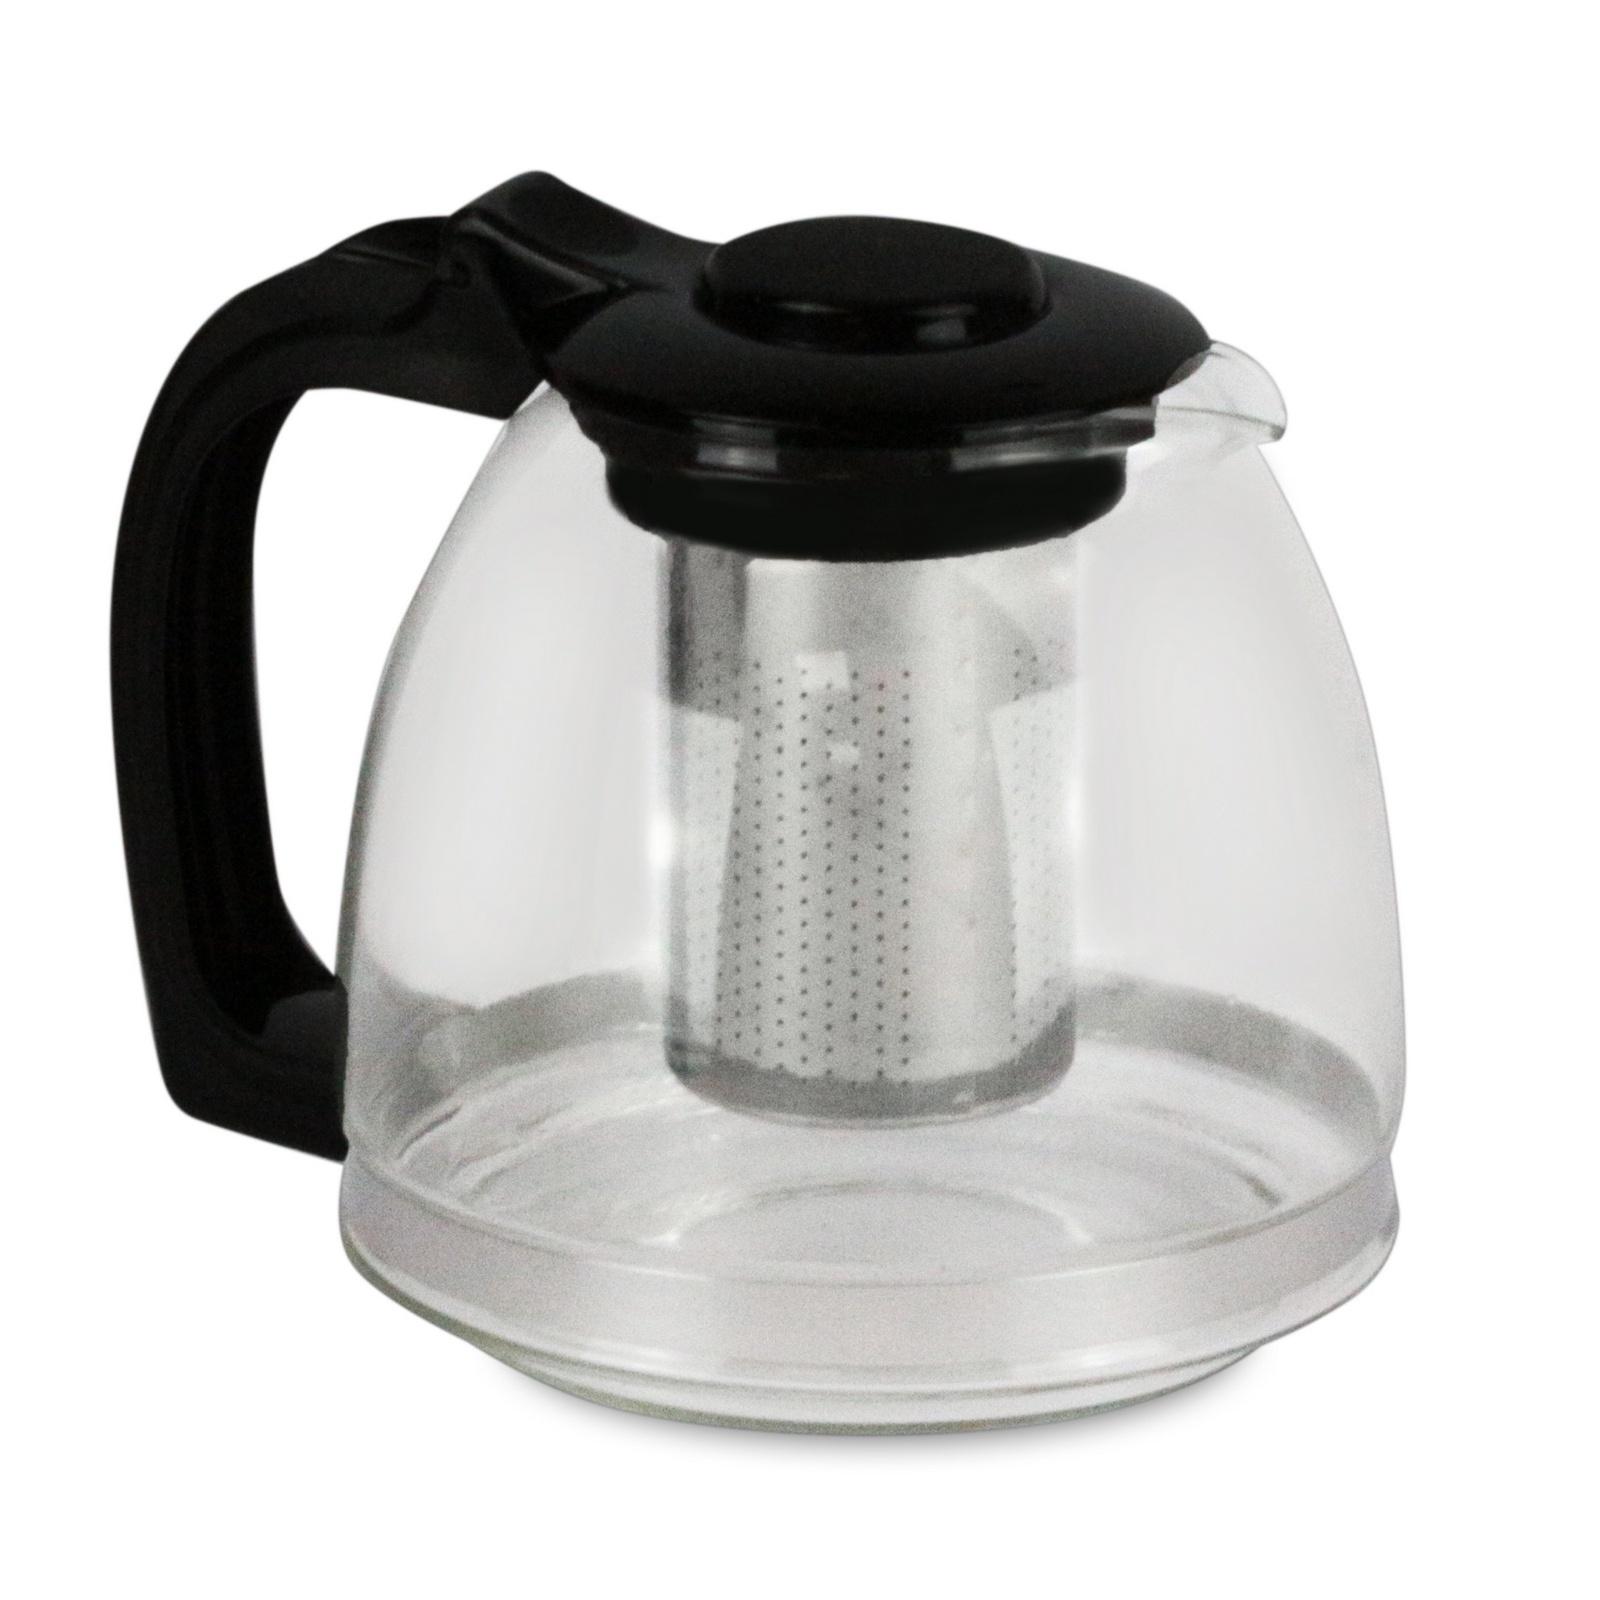 Чайник заварочный Kelli, KL-3087, 1,3 л